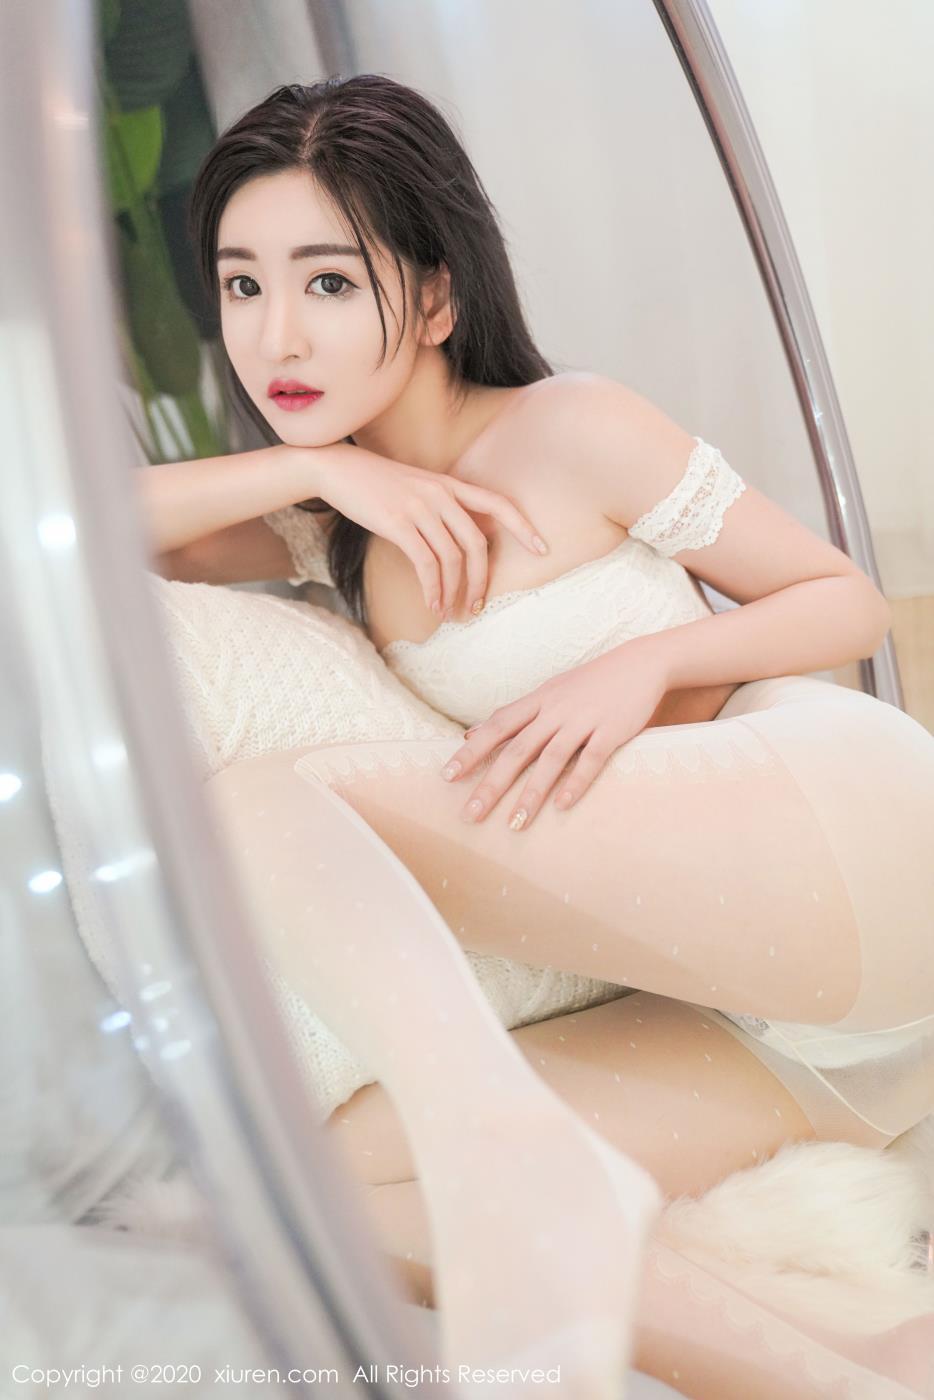 沈梦瑶 – 性感女神写真合集下载